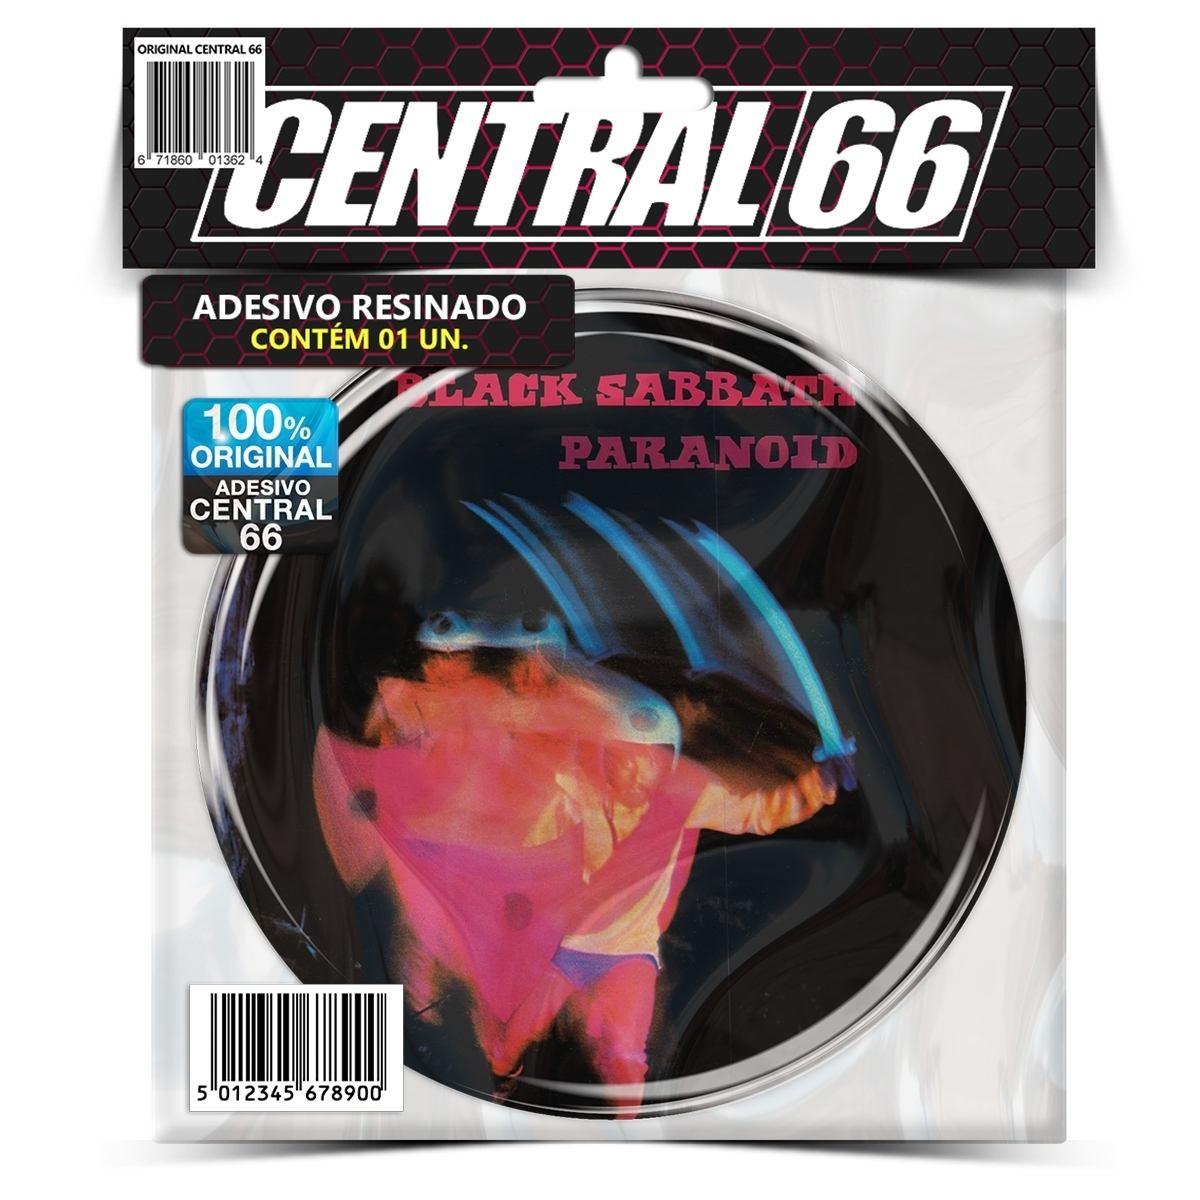 Adesivo Redondo Black Sabbath Paranoid – Central 66